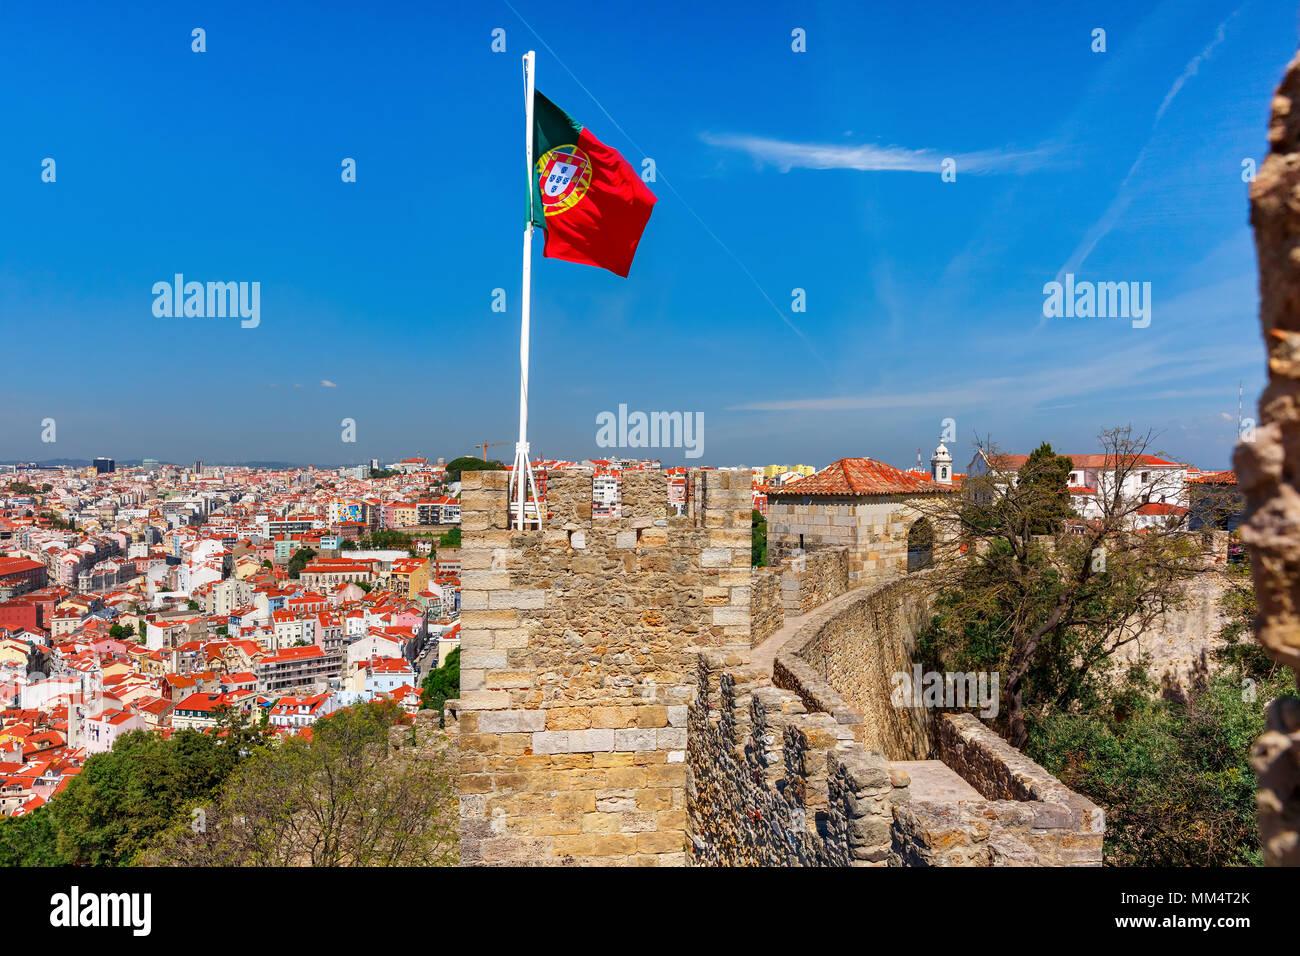 Pavillon portugais sur mur de forteresse, Lisbonne, Portugal Photo Stock